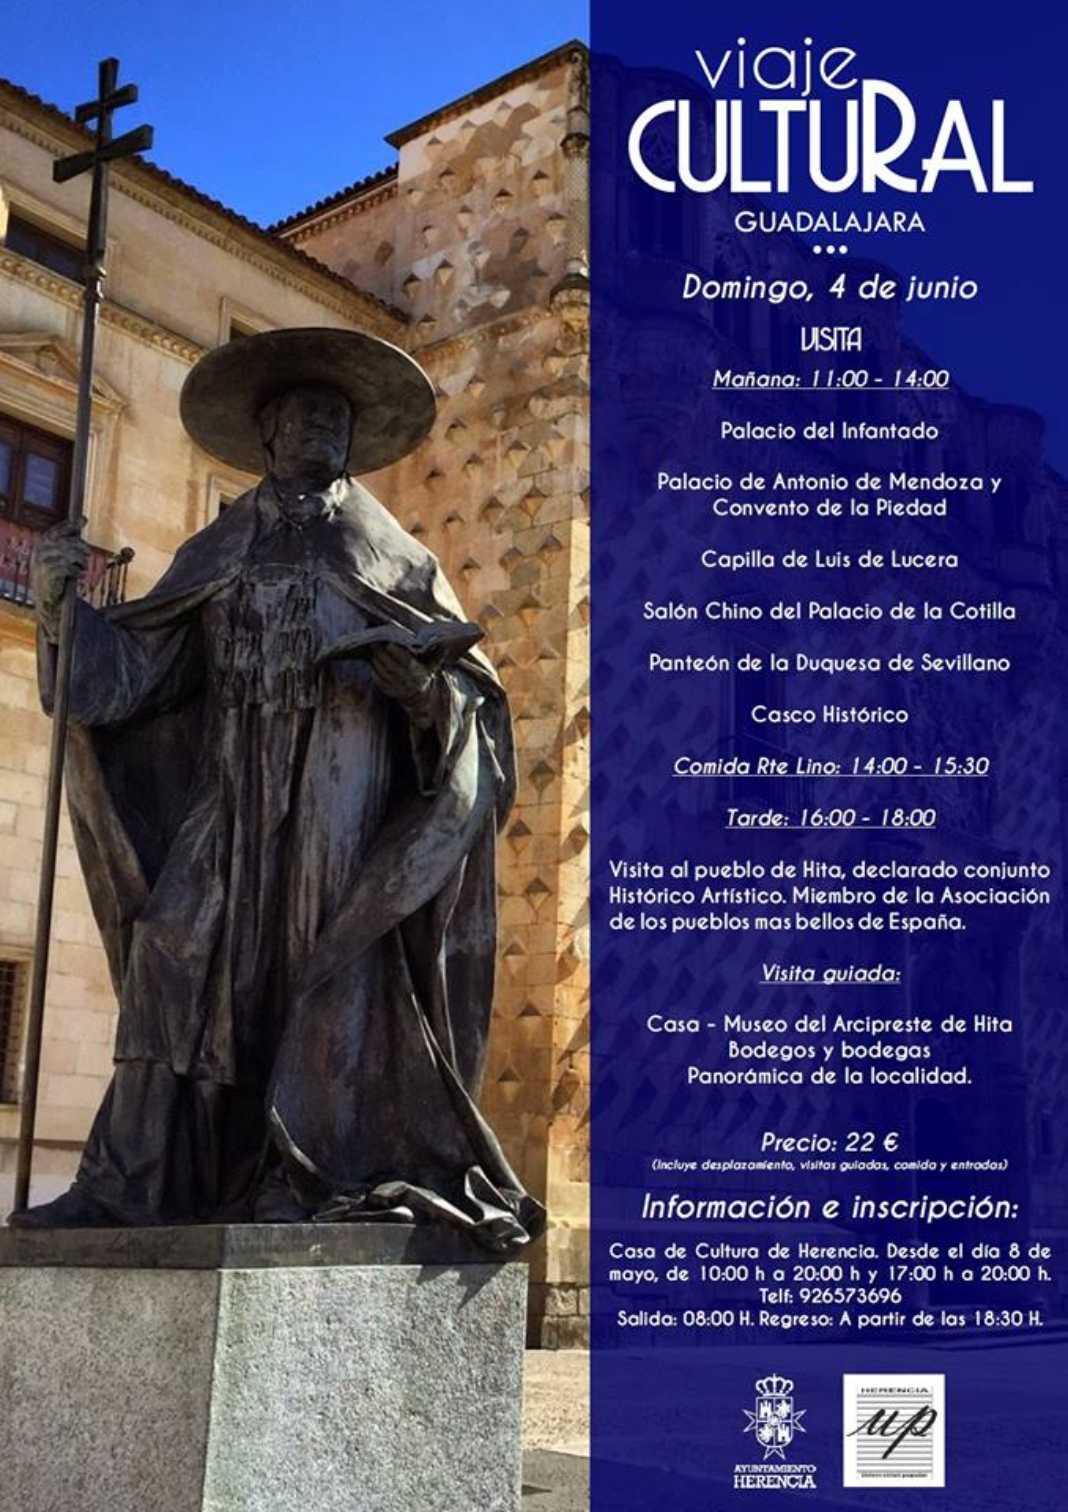 Viaje Cultural Guadalajara 1068x1512 - El Ayuntamiento organiza un Viaje Cultural a Guadalajara.